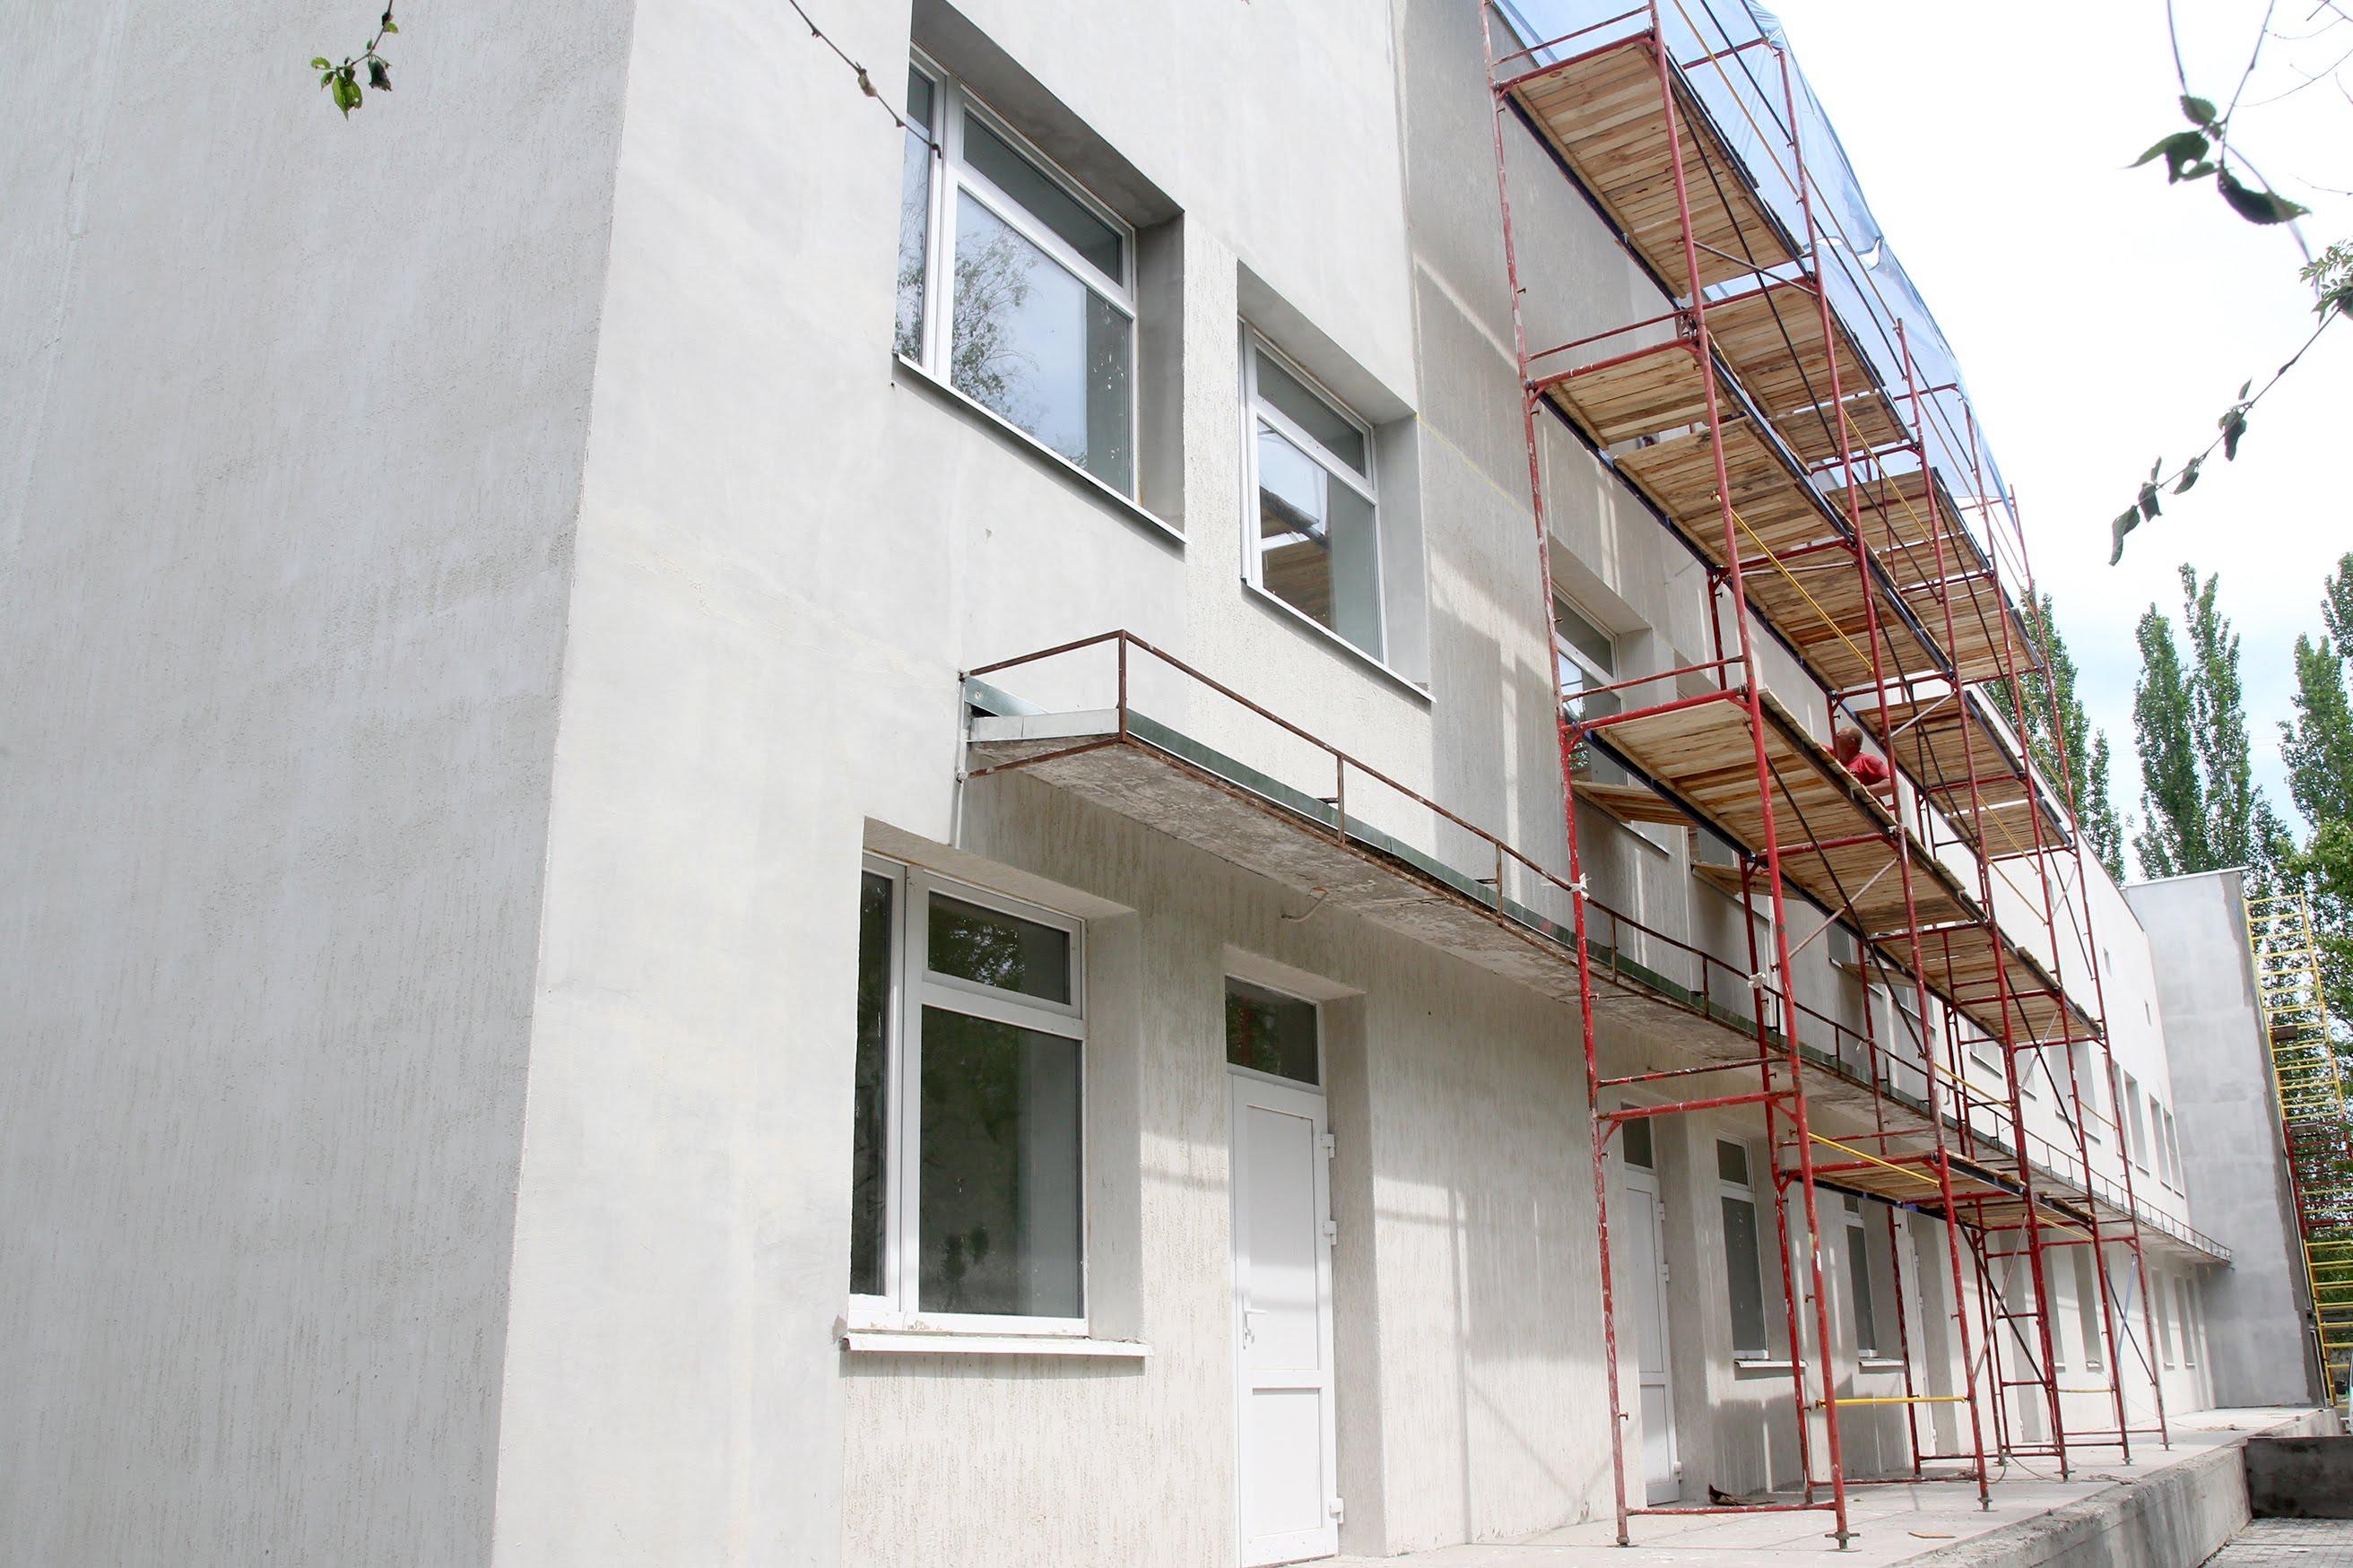 Поки тривають ремонтні роботи, дітей лікують у Нікопольській районній лікарні, дорослих – у Томаківській.